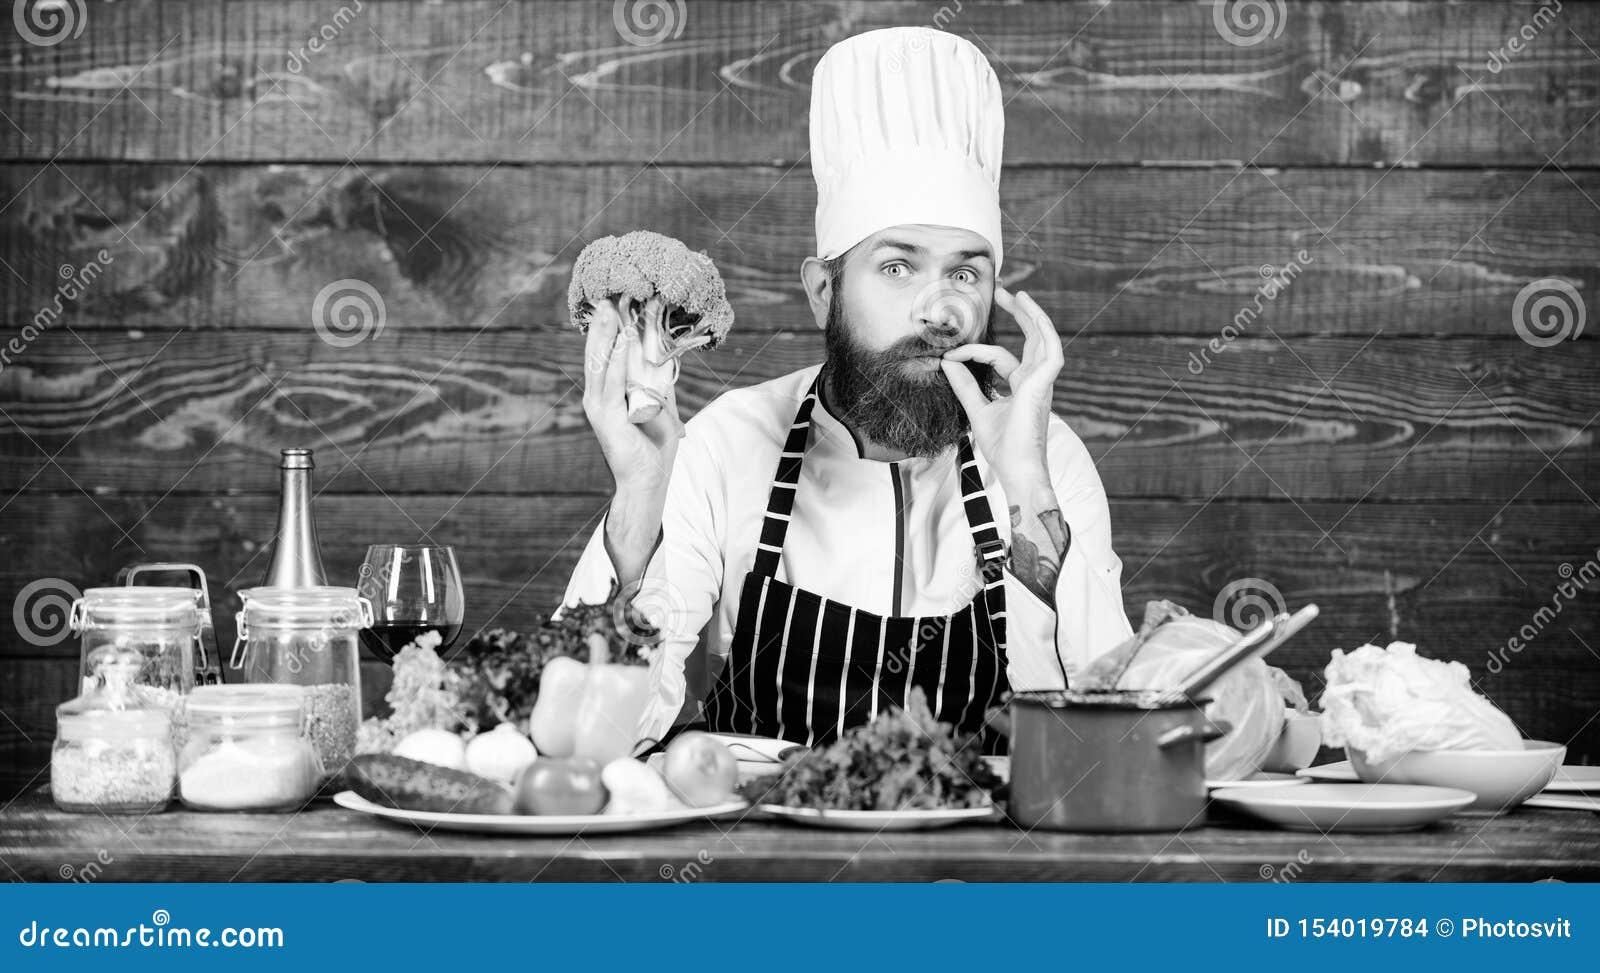 Vegetarische maaltijd Zonnebloemzaden - zaadfonds Verse slechts ingredi?nten Culinair receptenconcept Mensen het gebaarde hipster